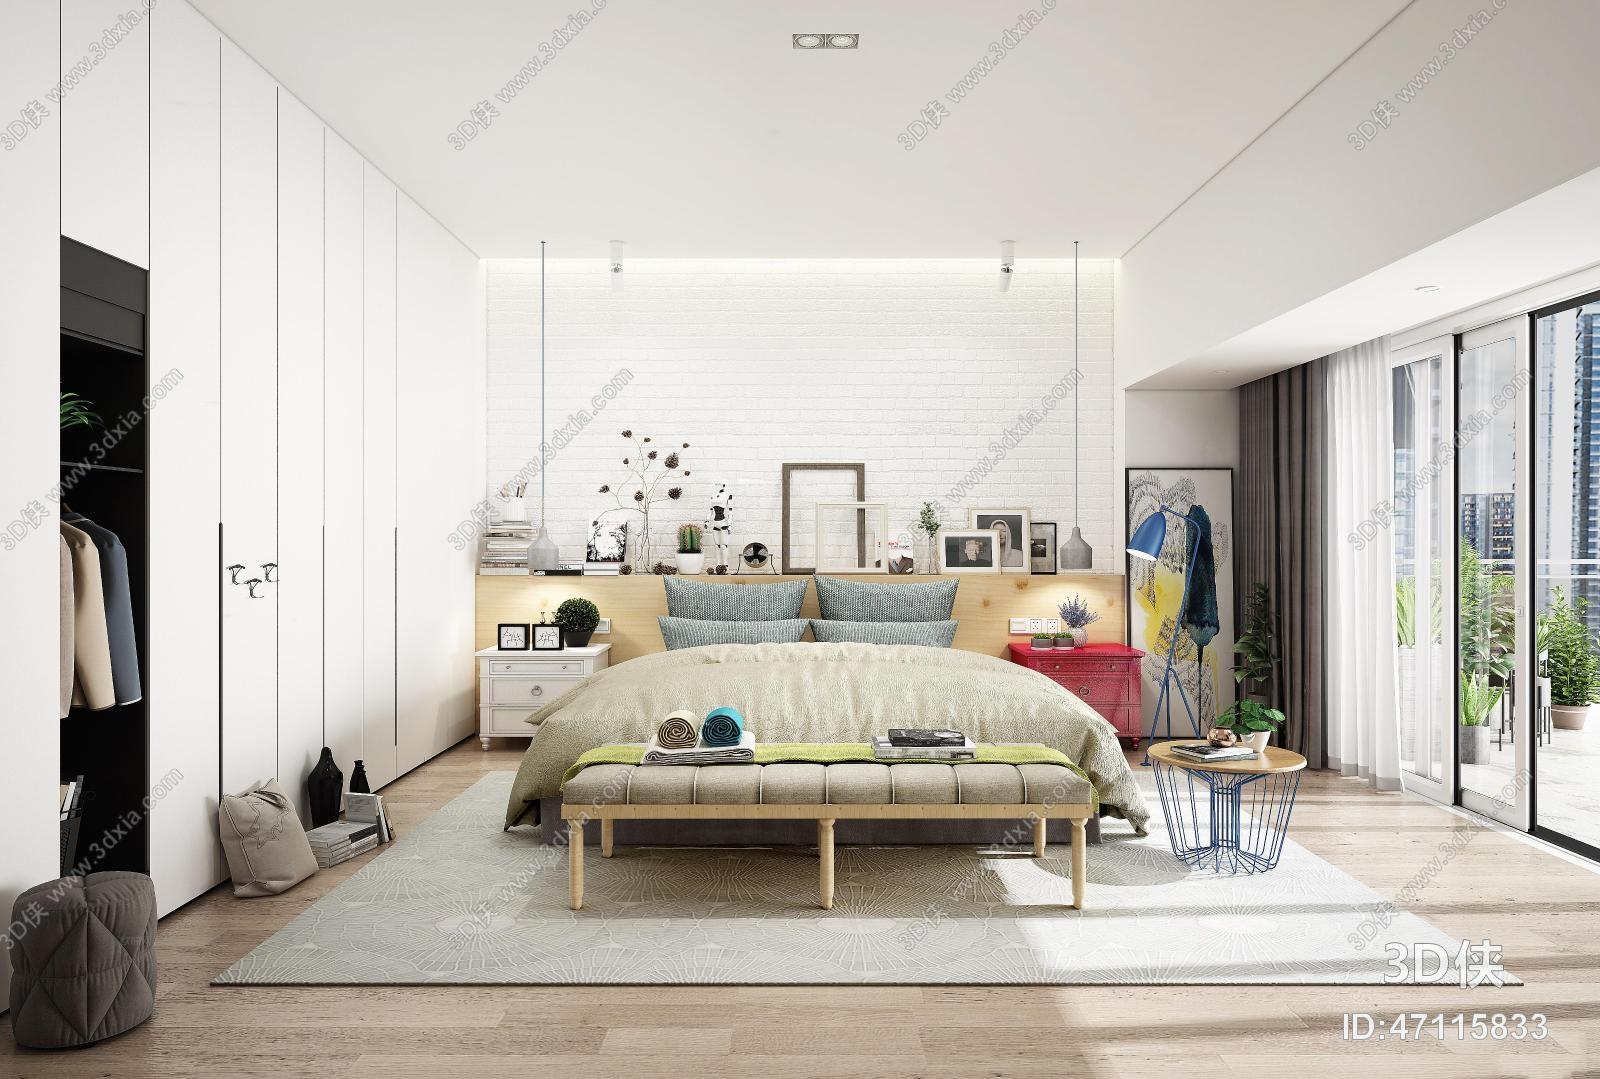 效果圖素材免費下載,本作品主題是現代北歐臥室3d模型,編號是47115833